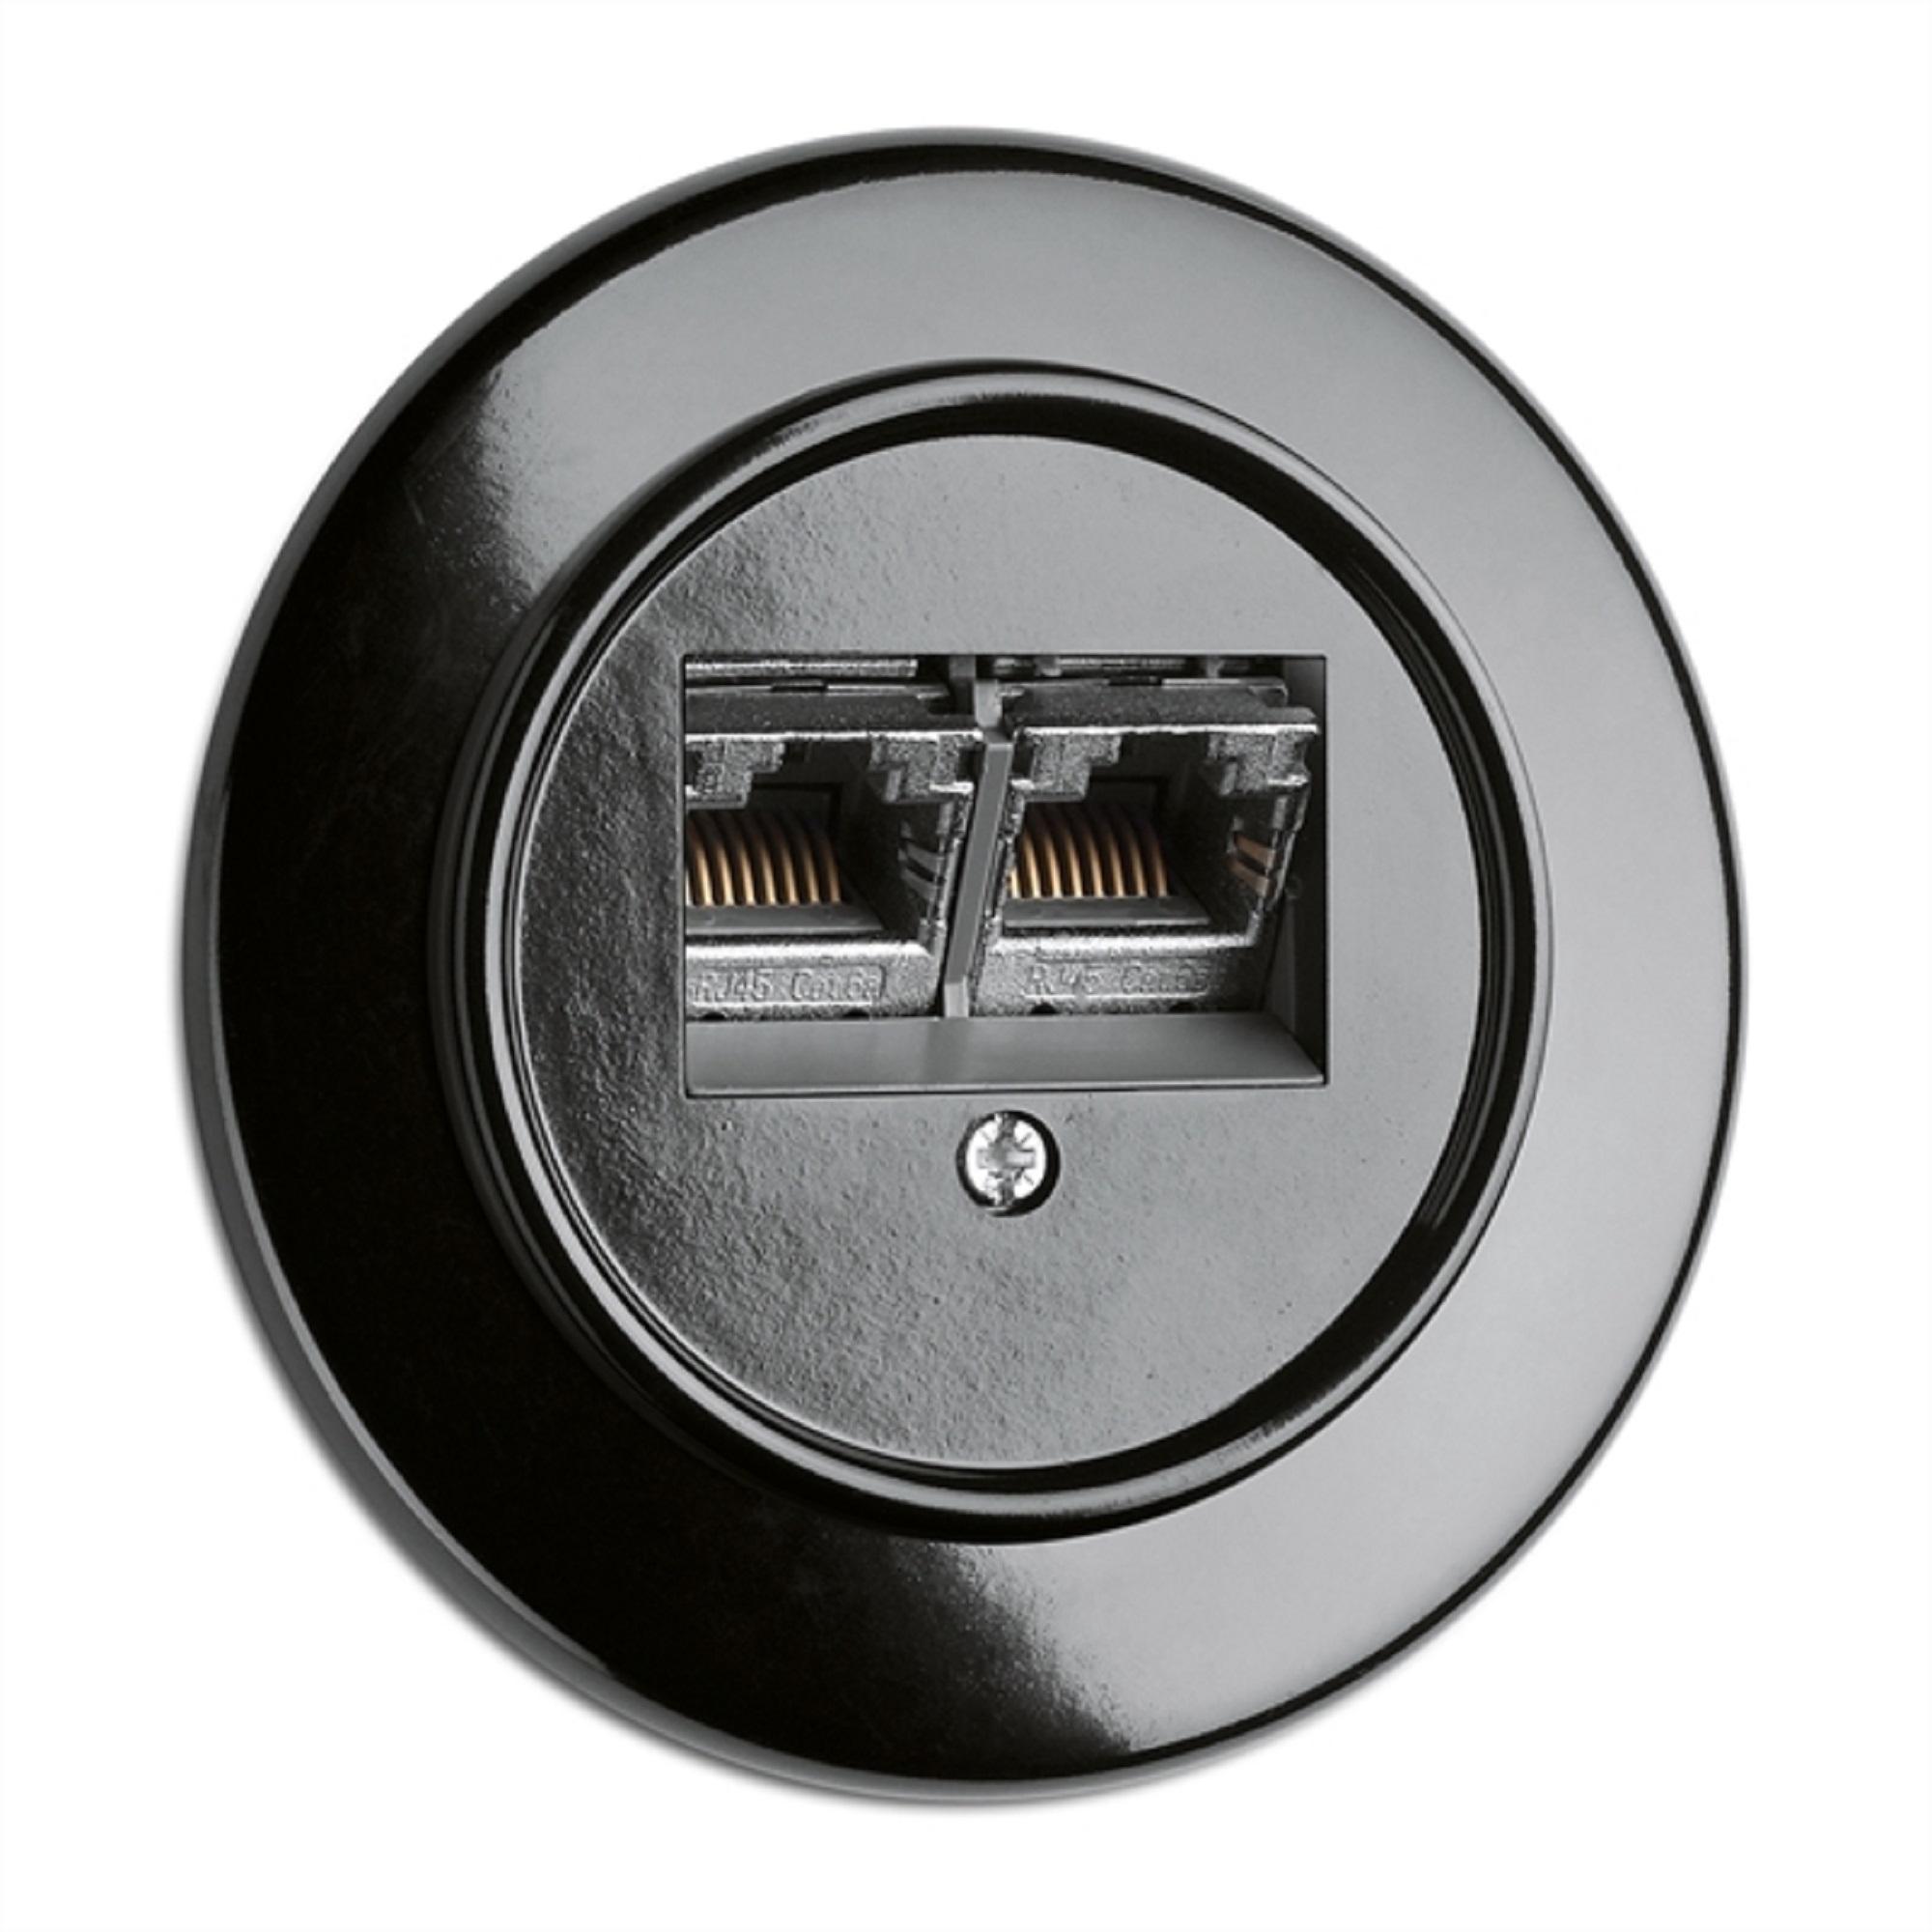 Datendose, Unterputz-Schaltersystem Bakelit schwarz mit runder Abdeckung